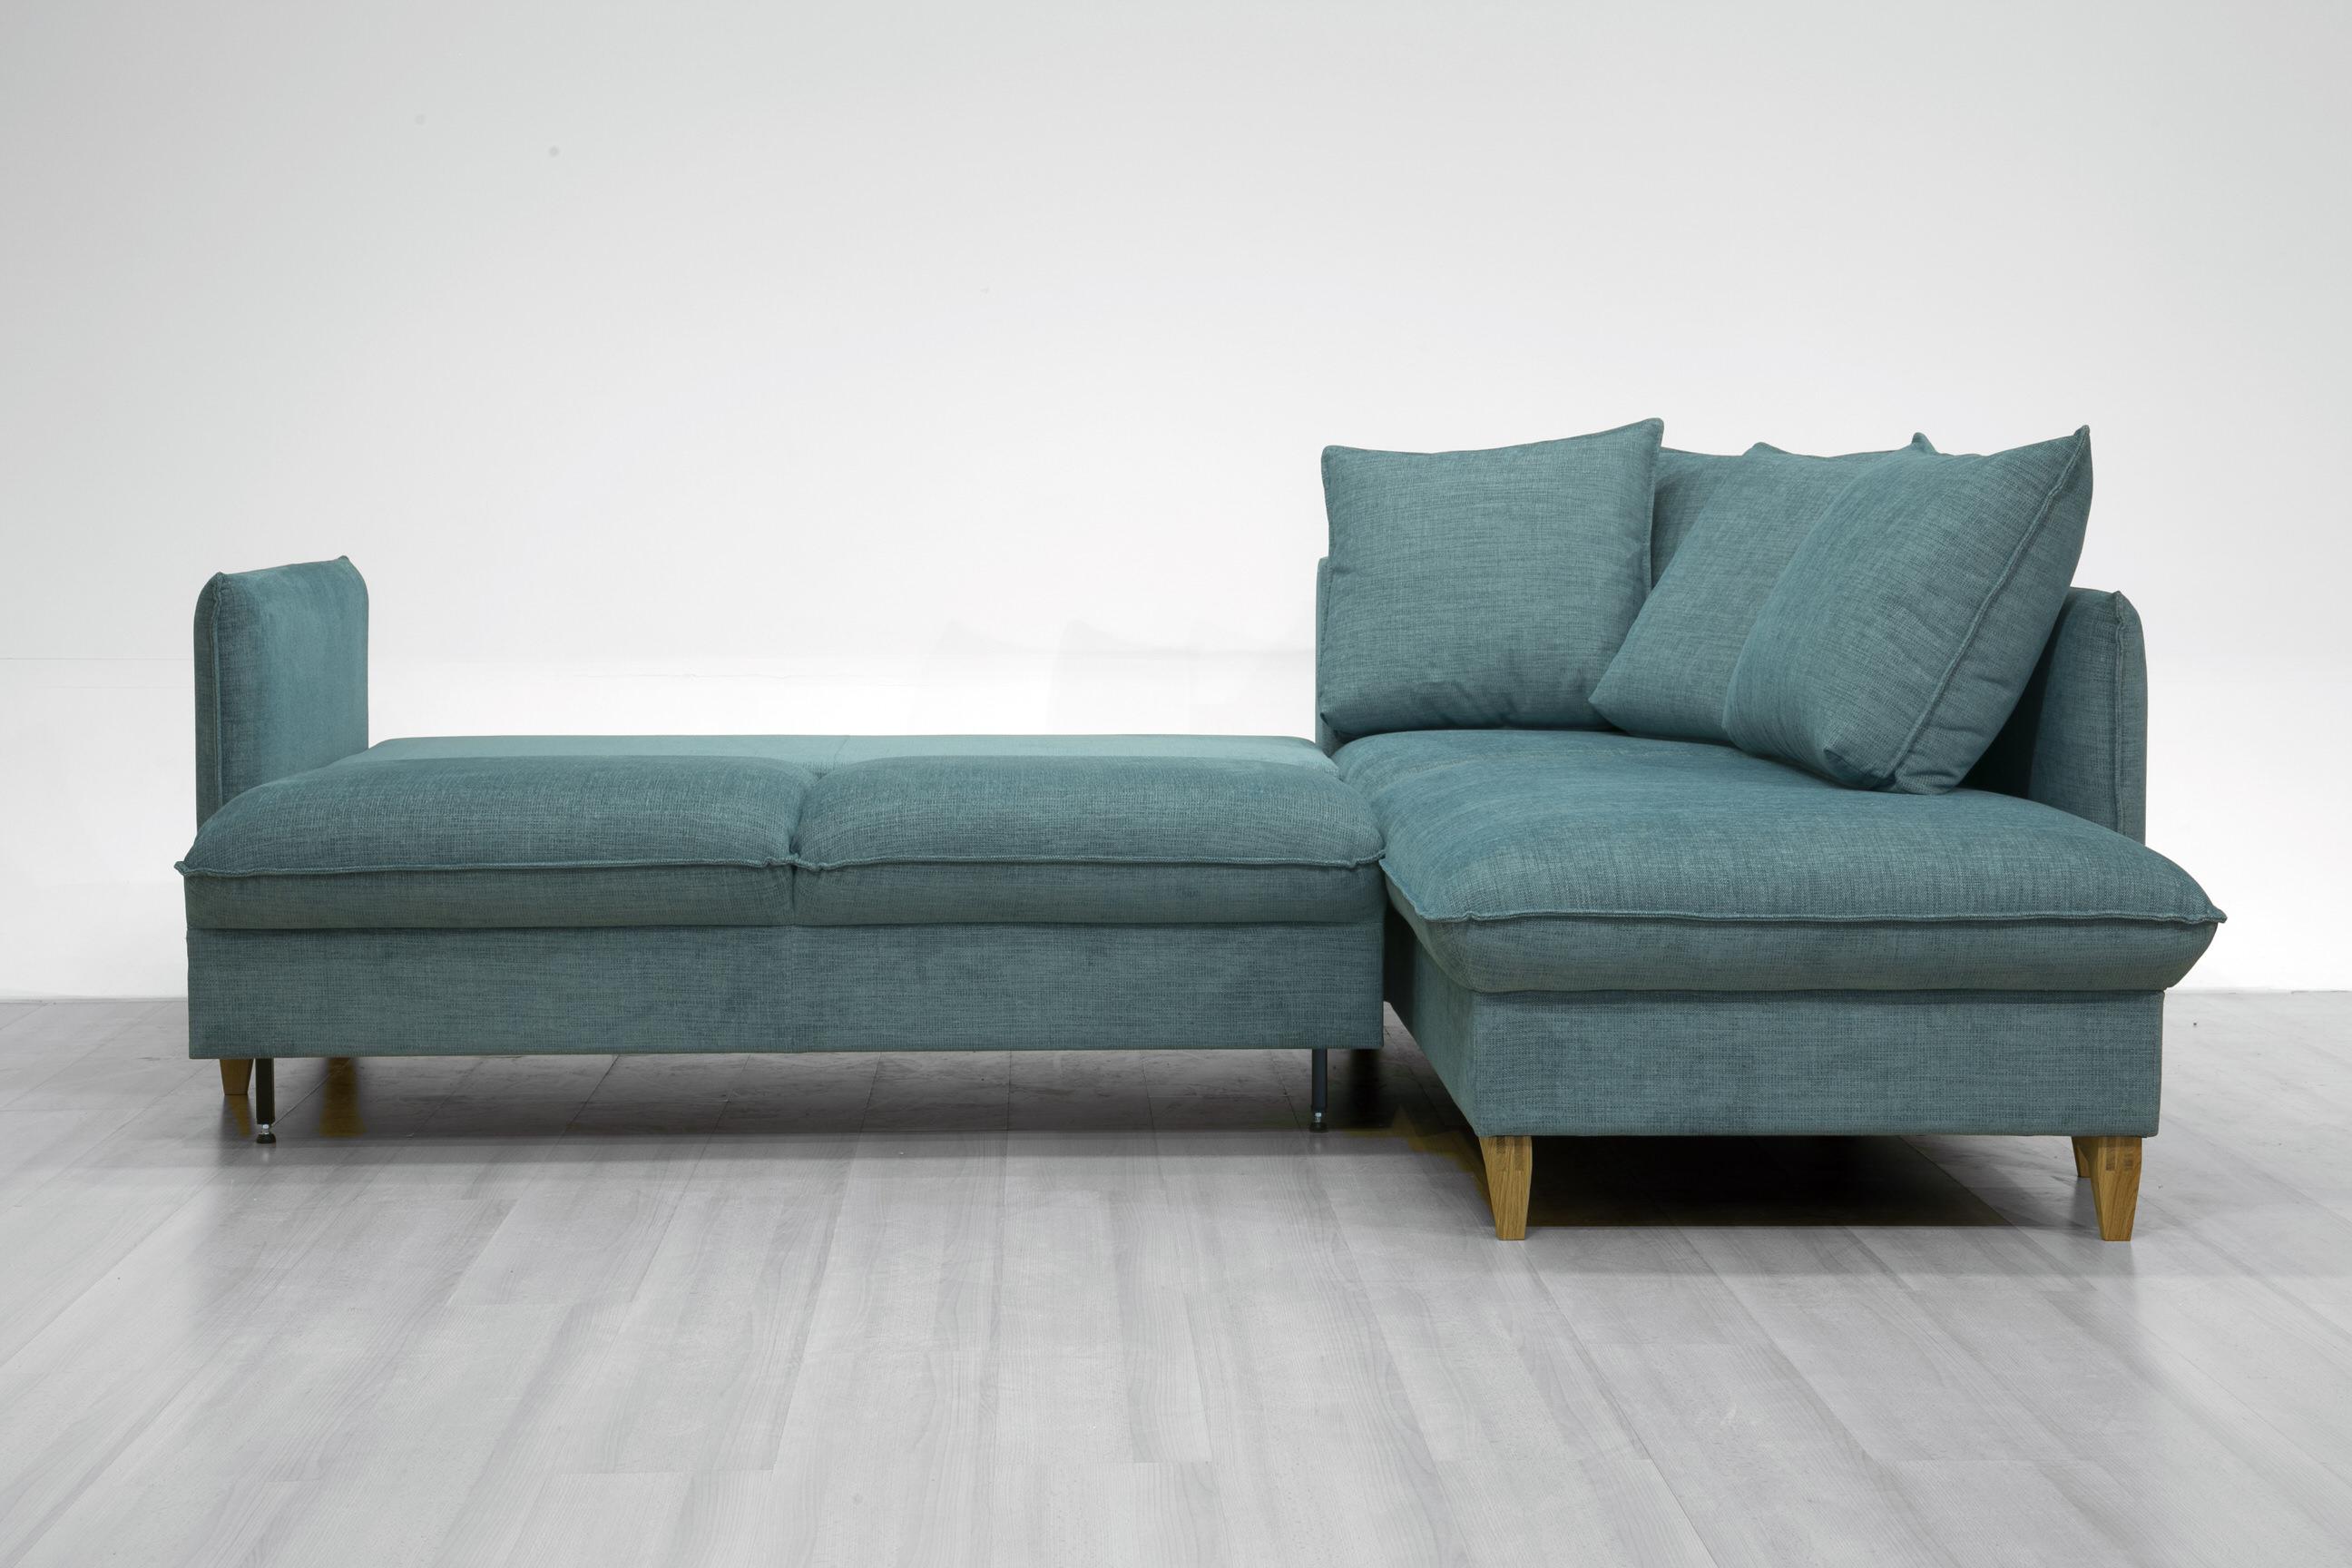 Flipper Sectional Sofa Sleeper Full Xl Size Rhf By